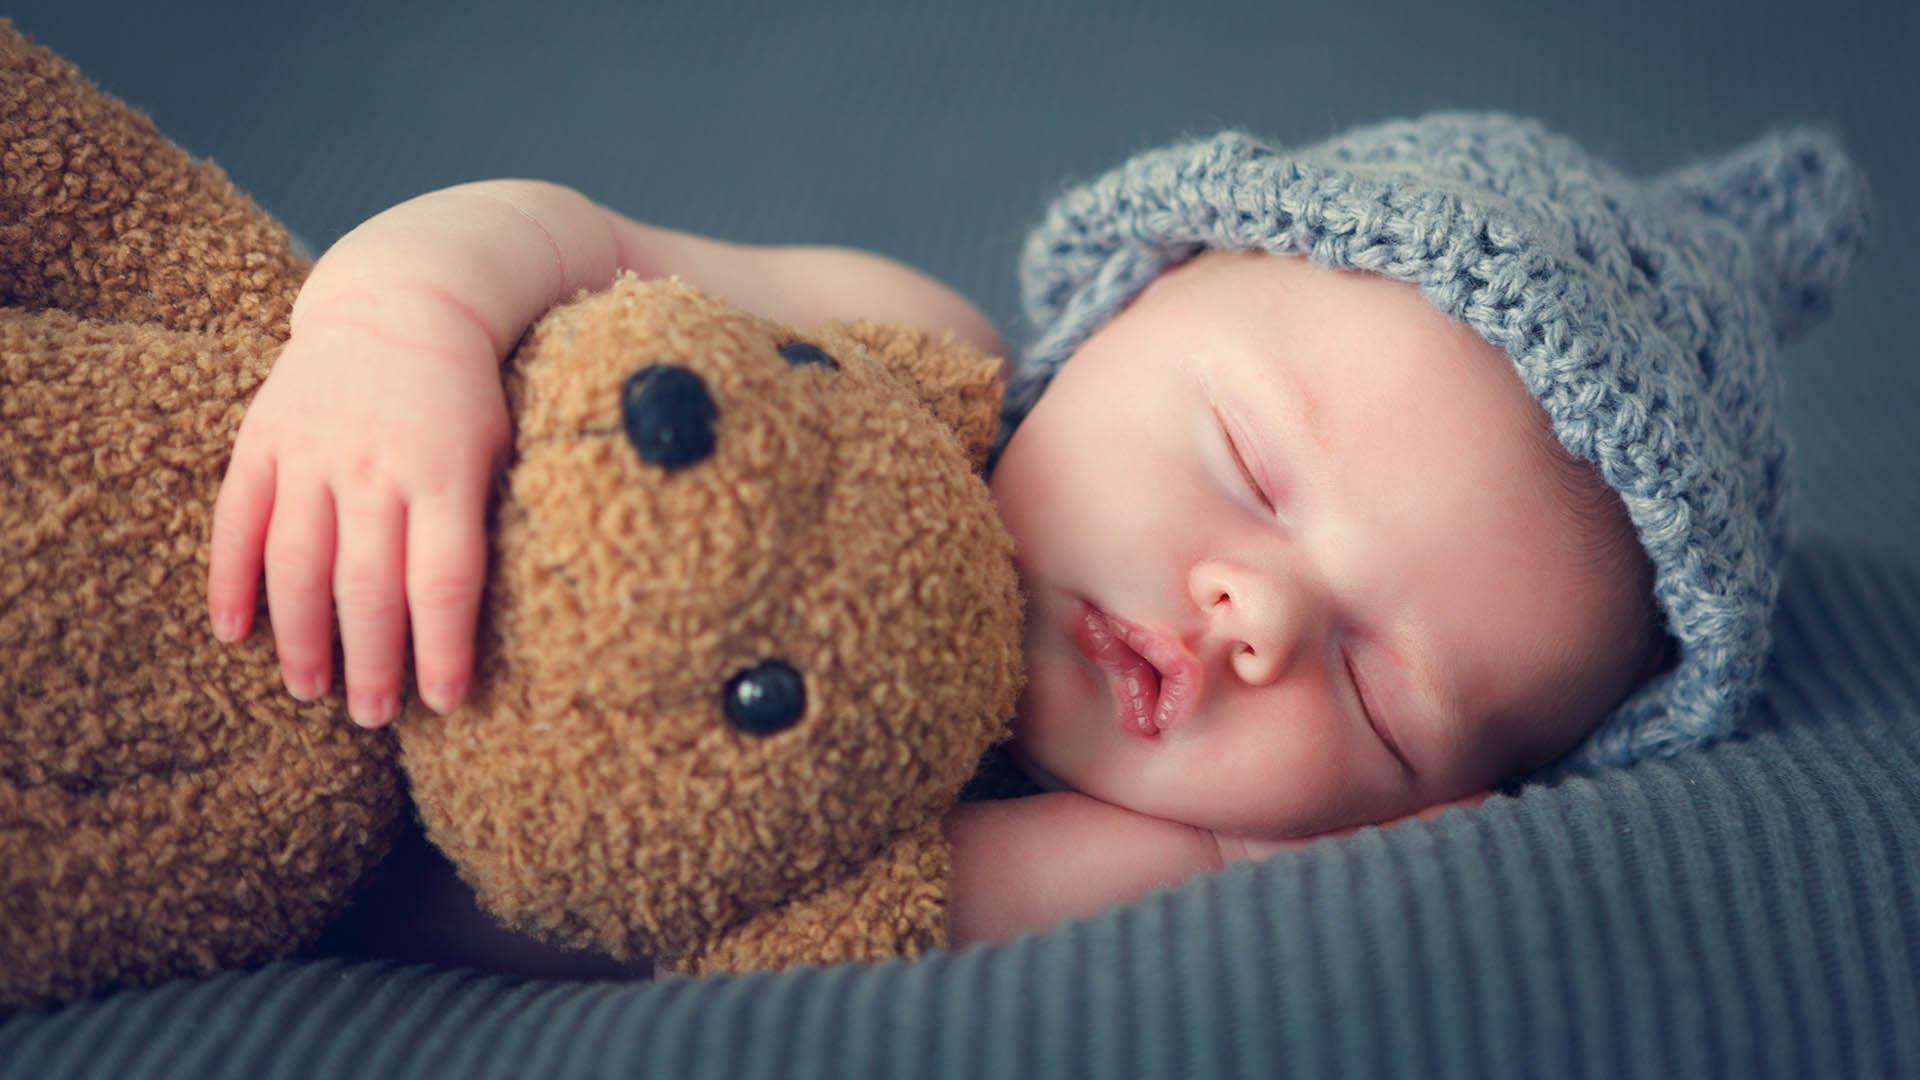 چرا باید اتاق خواب کودک را جدا کرد؟